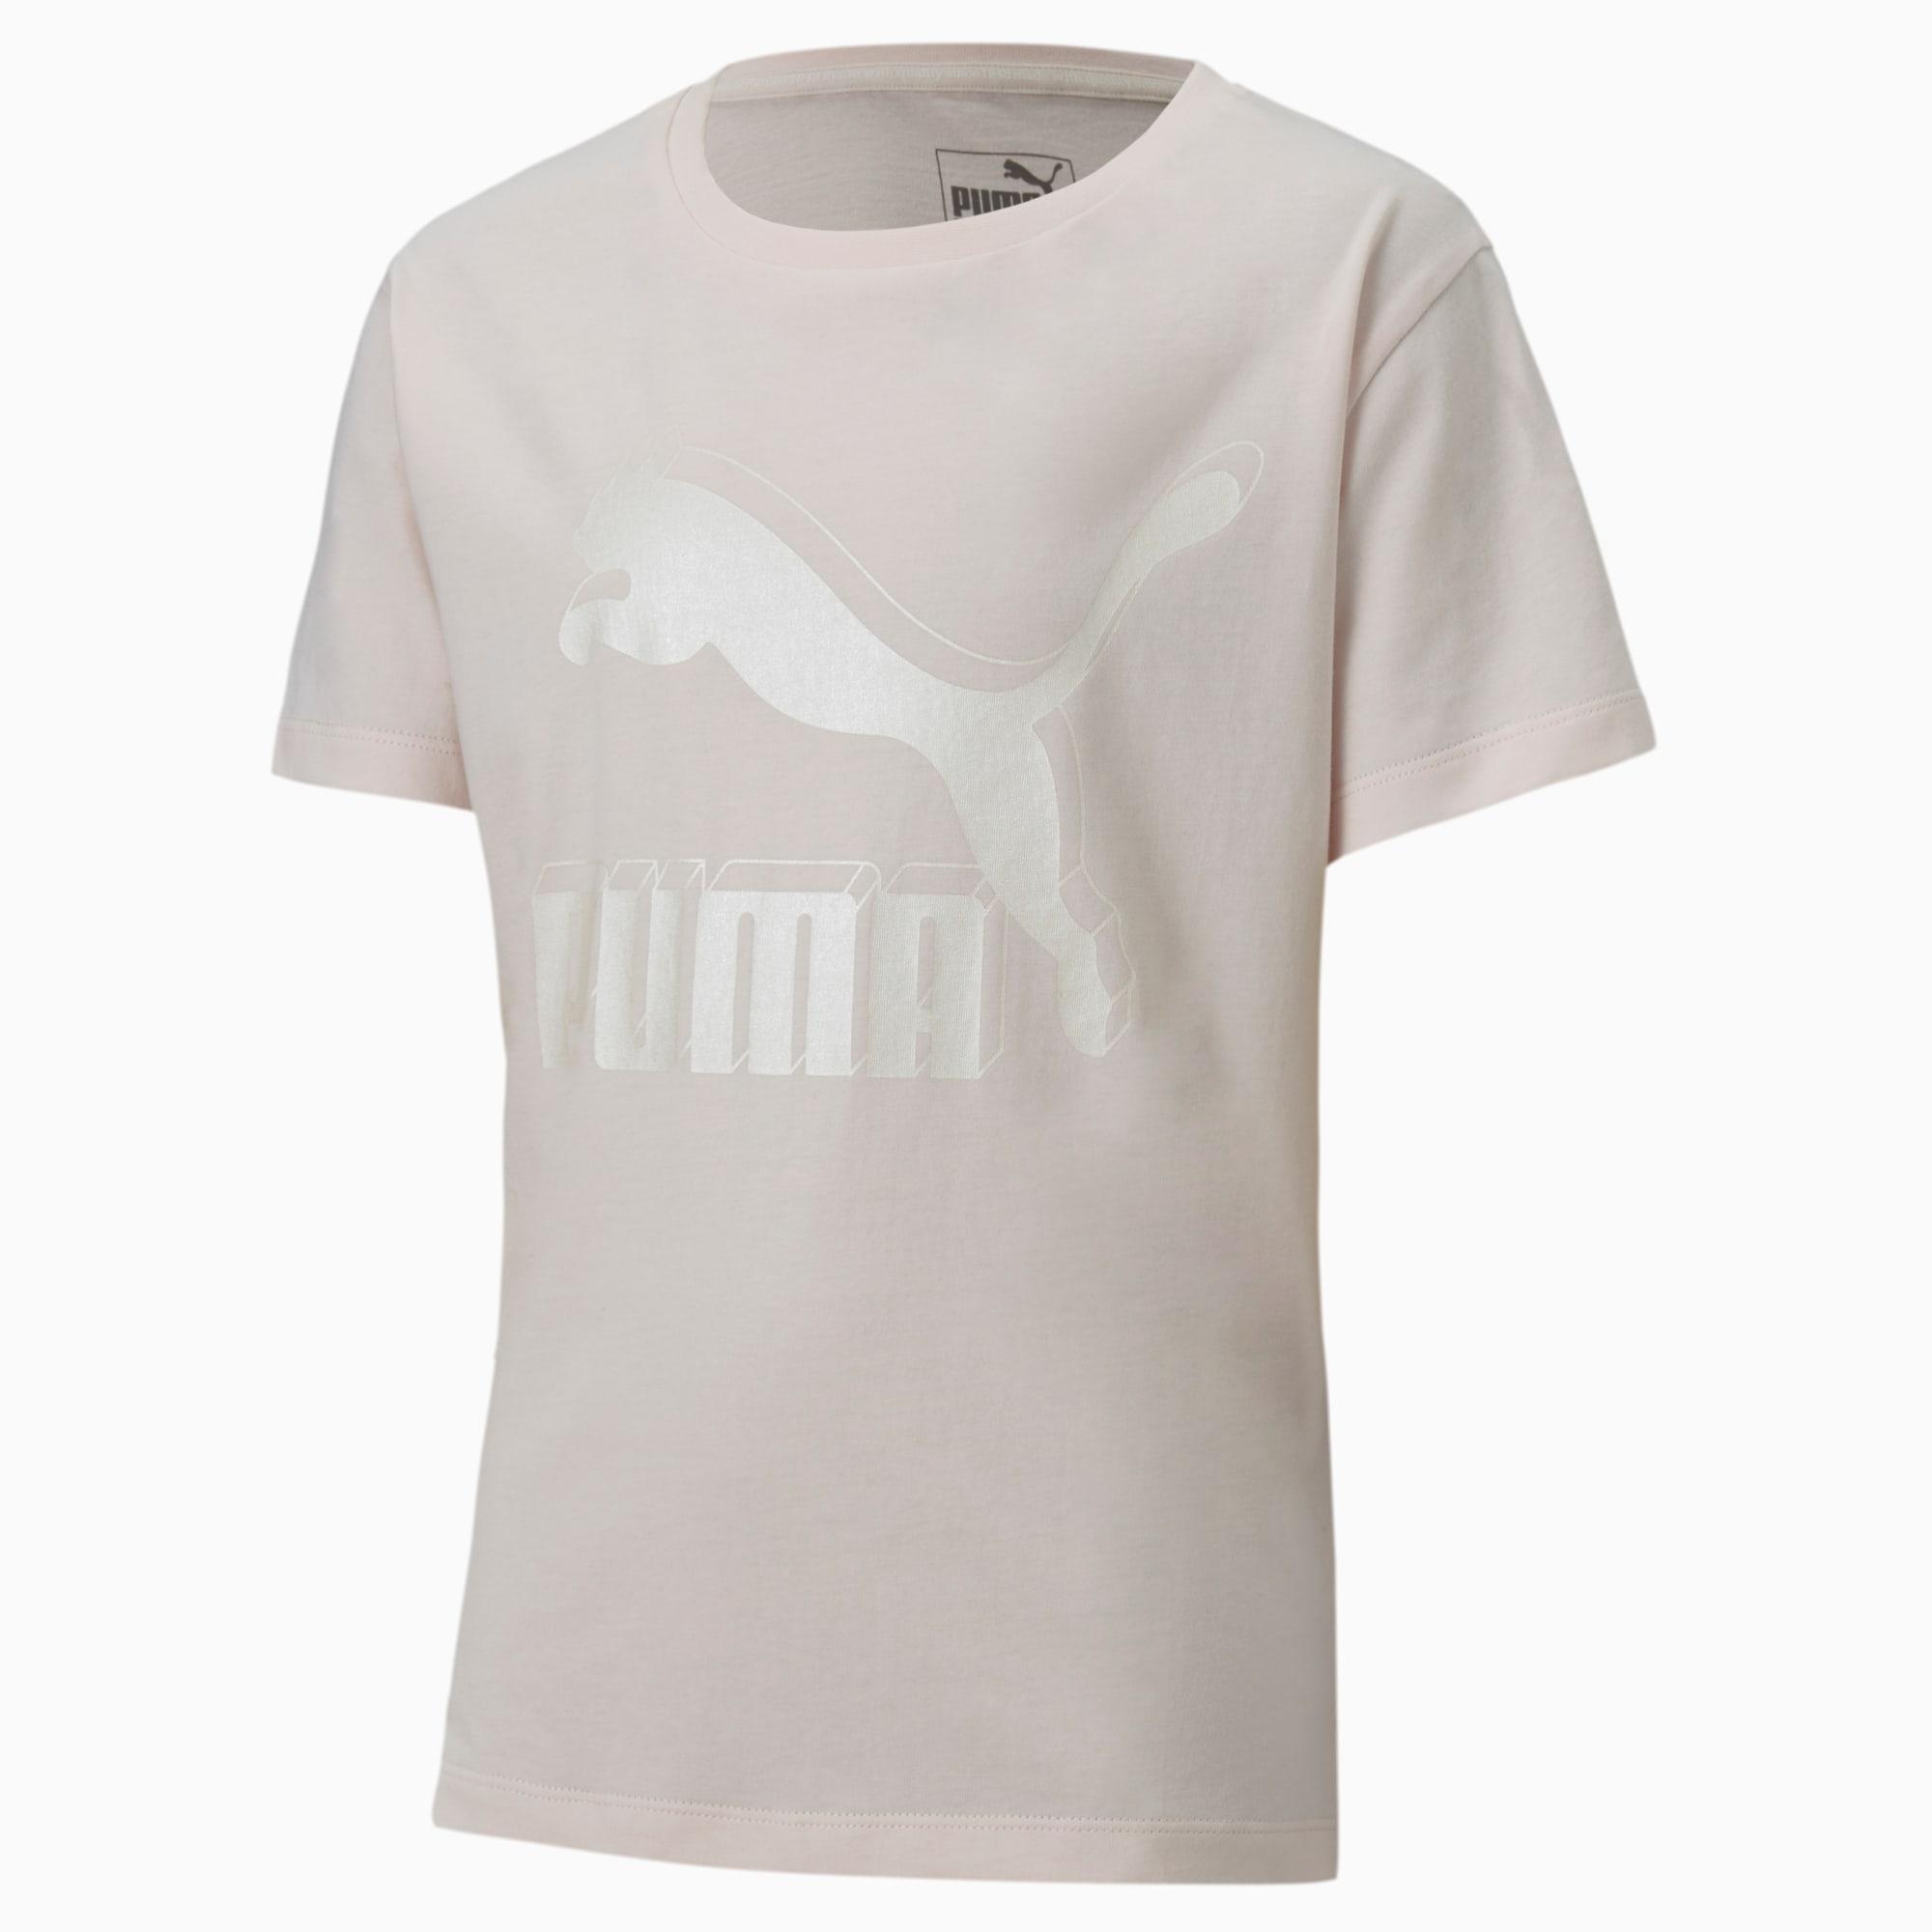 PUMA T-Shirt Classics Graphic pour fille, Rose, Taille 104, Vêtements